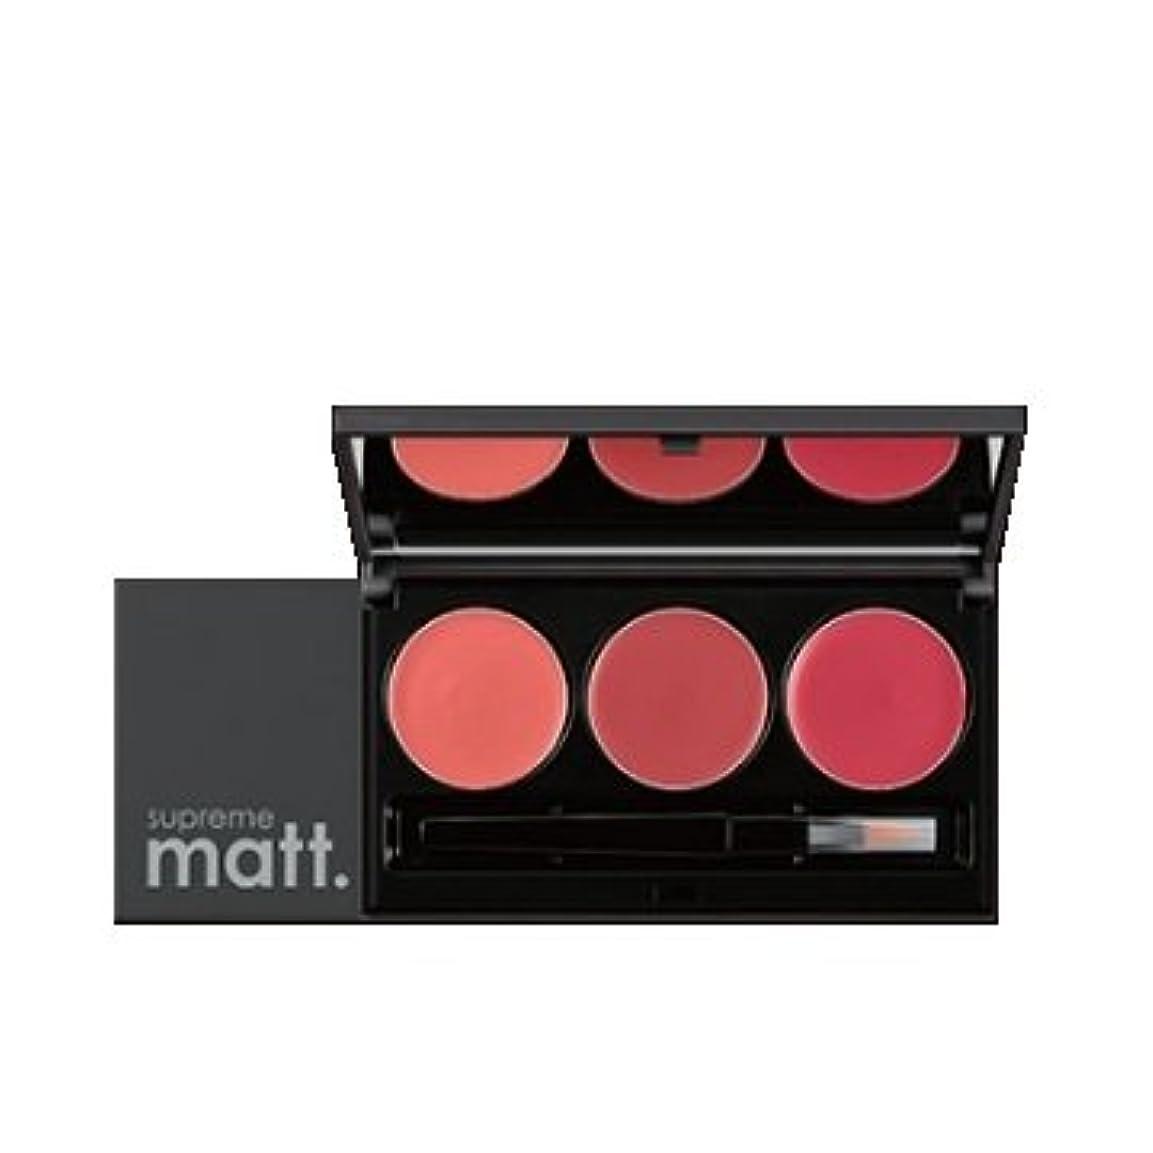 圧倒的コマンドむちゃくちゃ[サンプル] MISSHA Supreme Matt Lip Rouge Lip Palette / ミシャ シュープリームマットリップルージュリップパレット [並行輸入品]